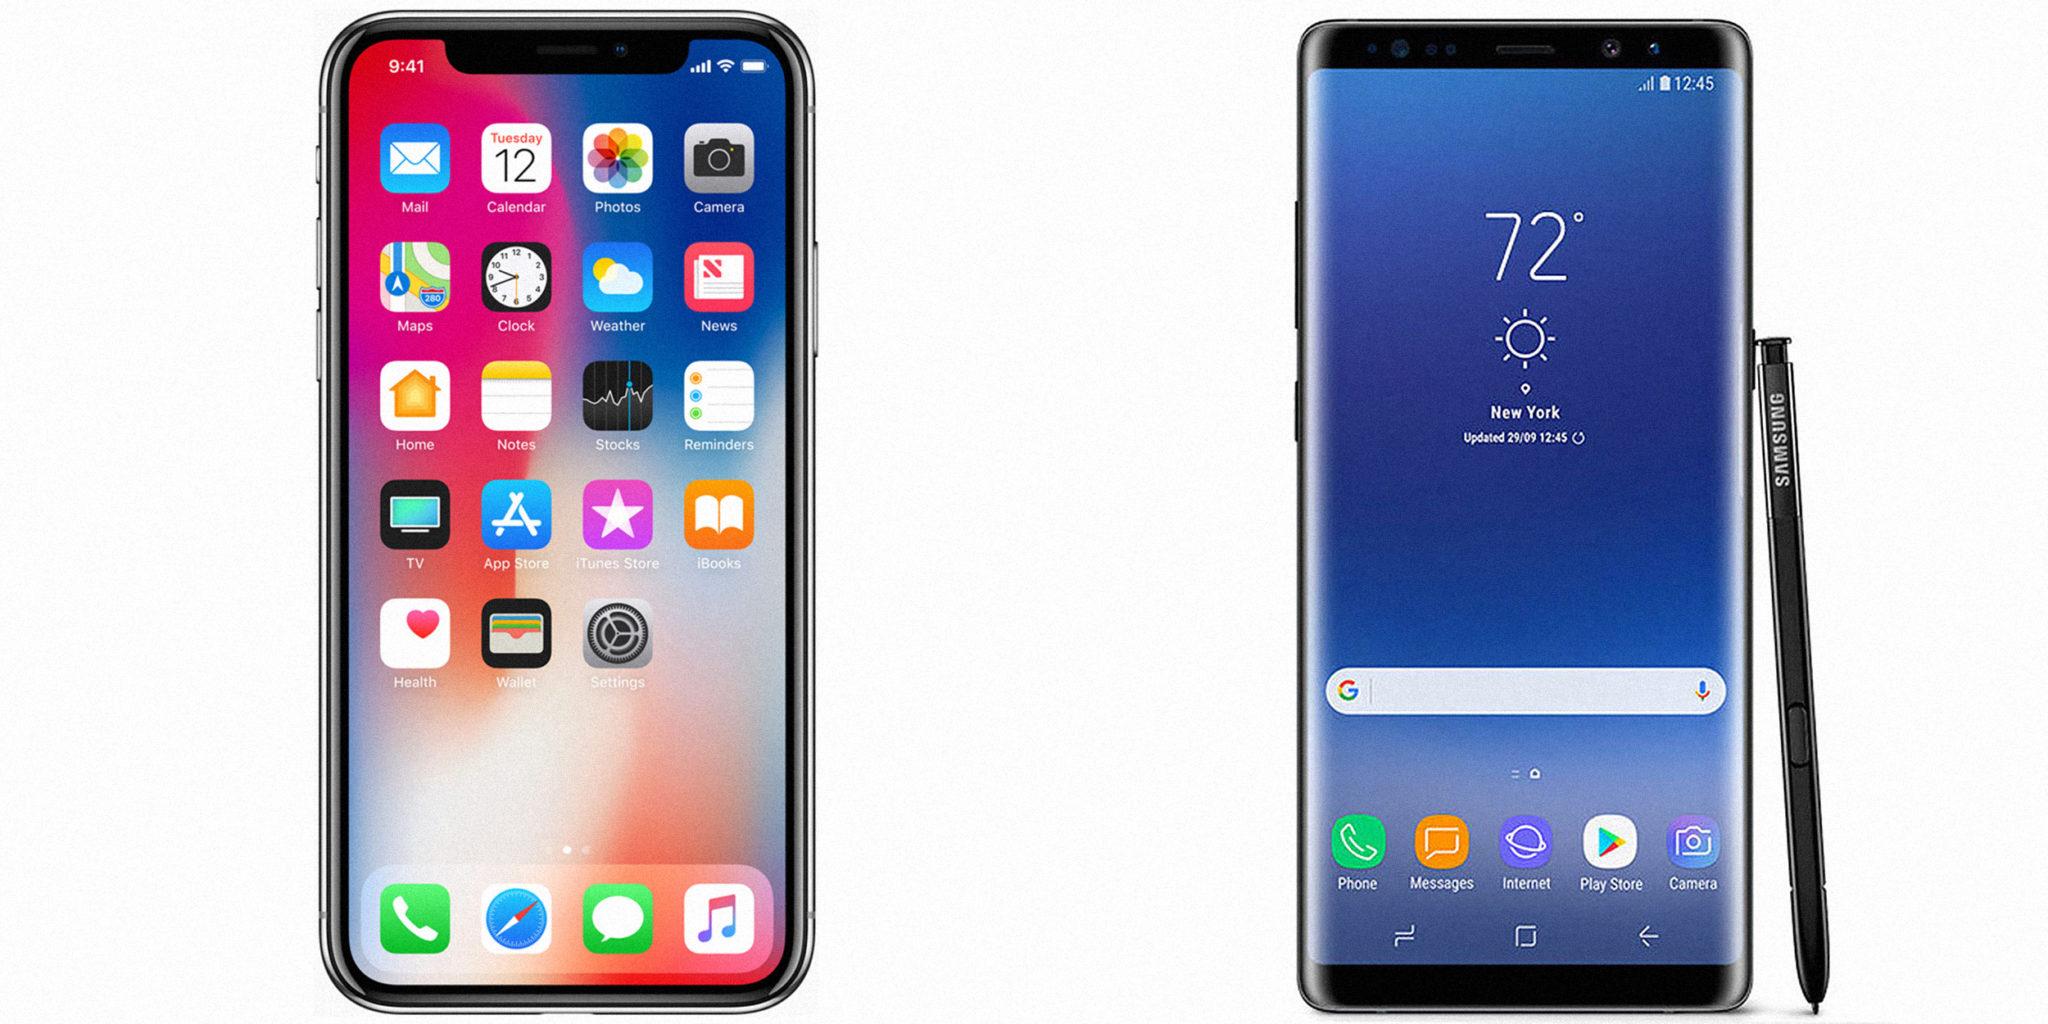 iPhone X sau Galaxy Note 8? Iată 4 caracteristici comparate!